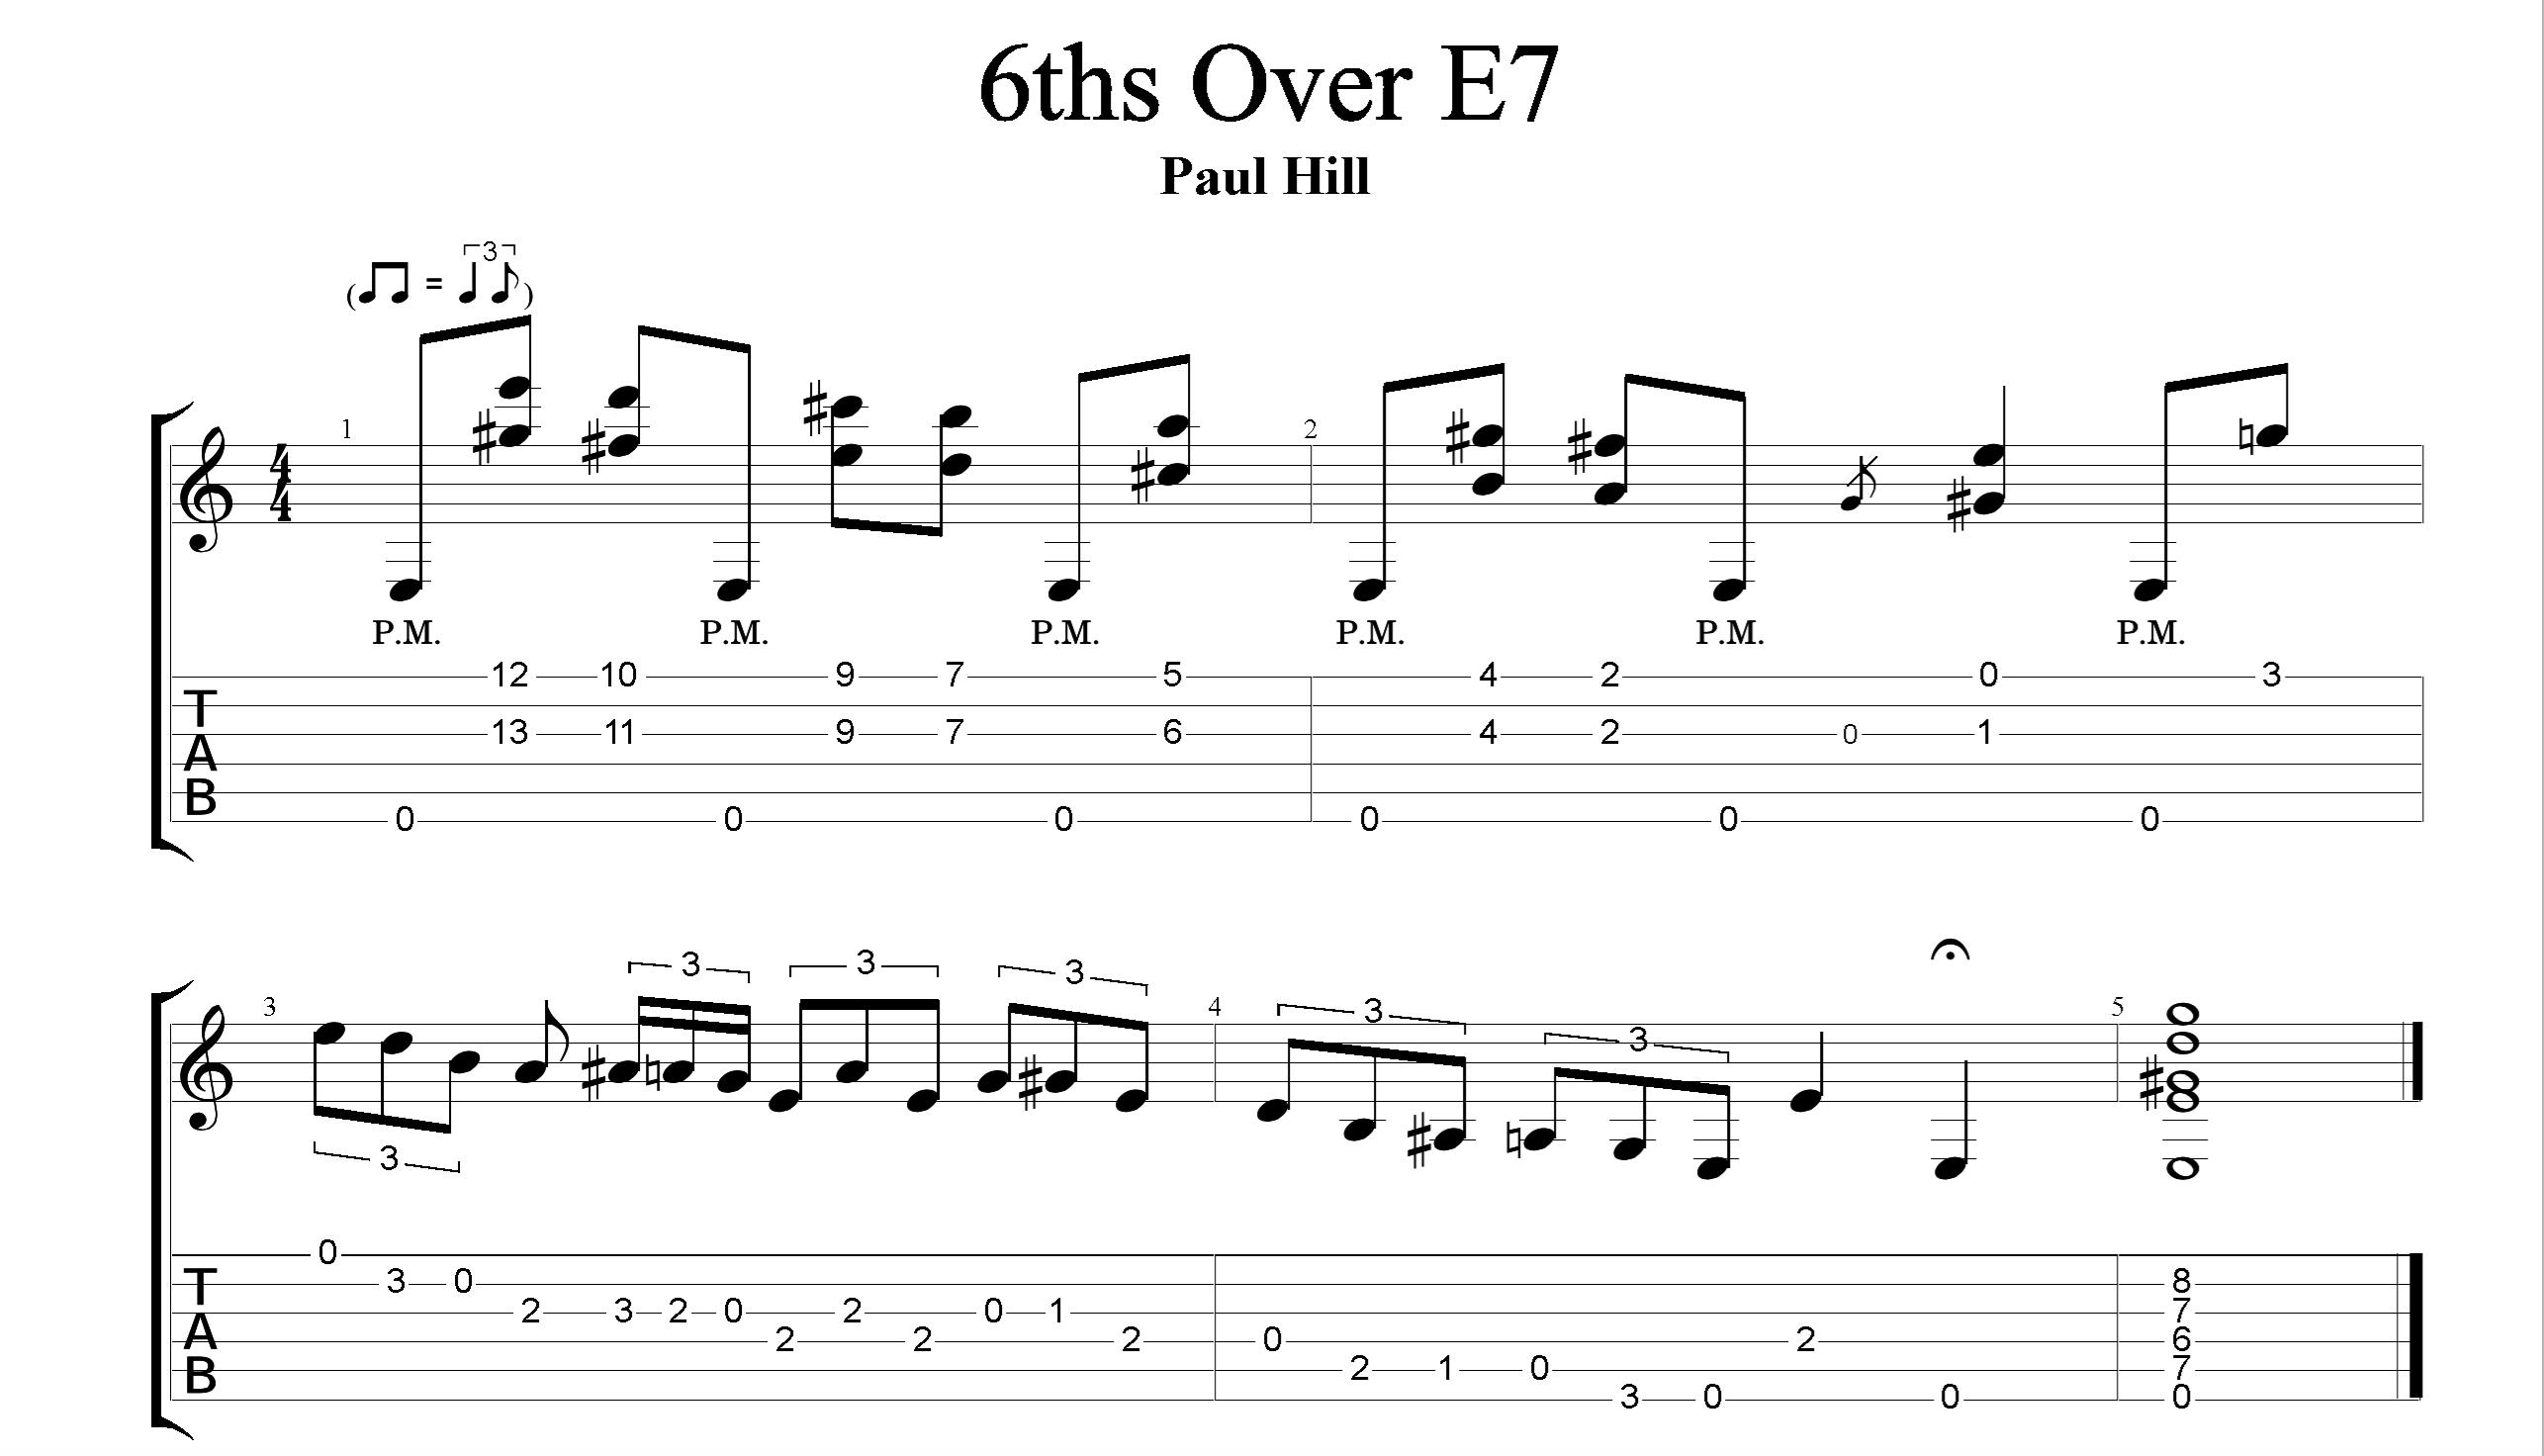 6ths Over E7